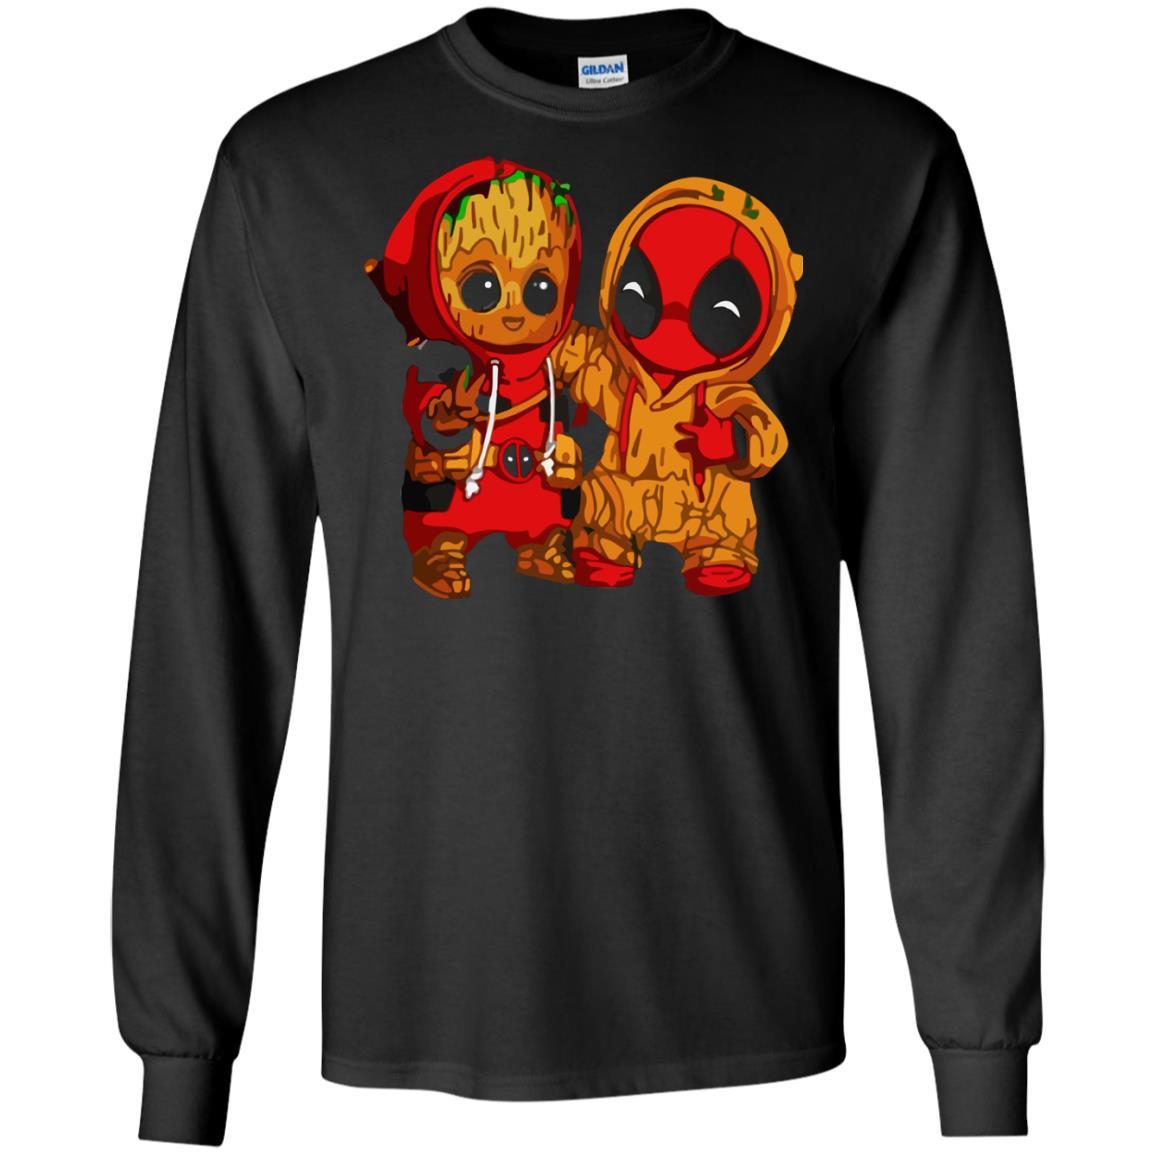 image 433 - Baby Groot And Deadpool Sweatshirt, Hoodie